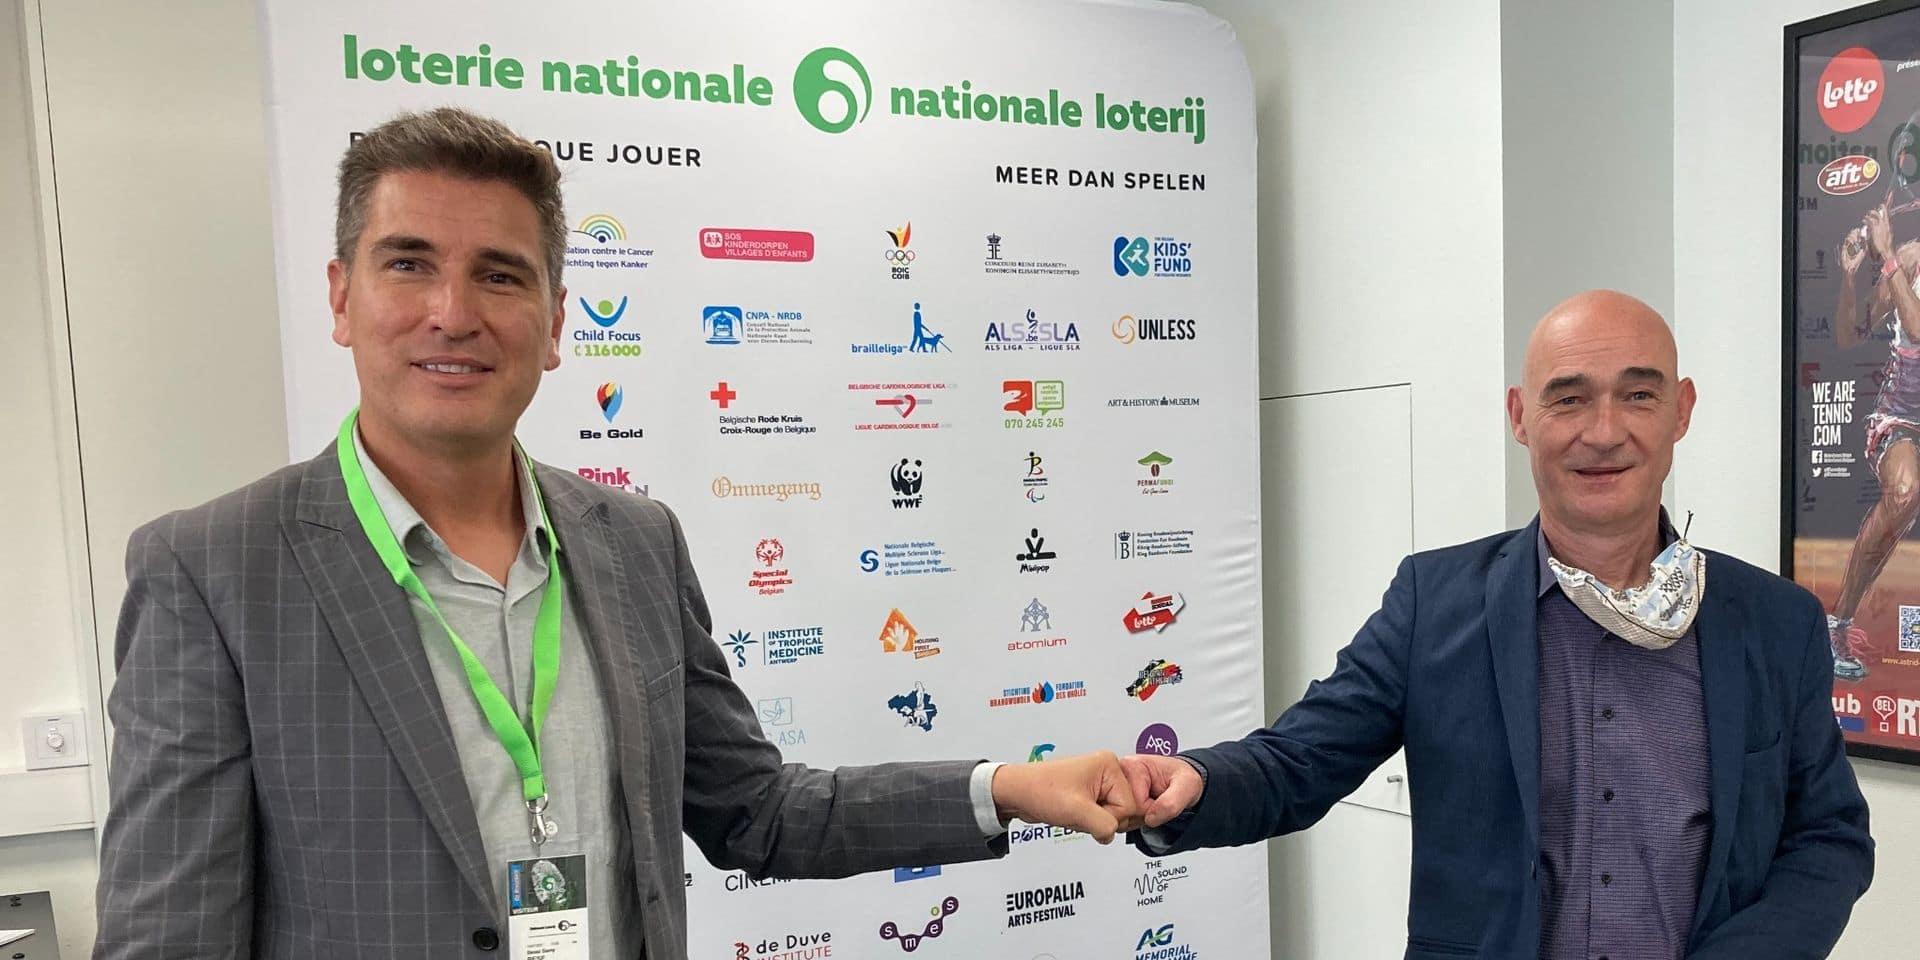 La BESF, fédération belge de l'esport, reçoit le soutien de la Loterie Nationale